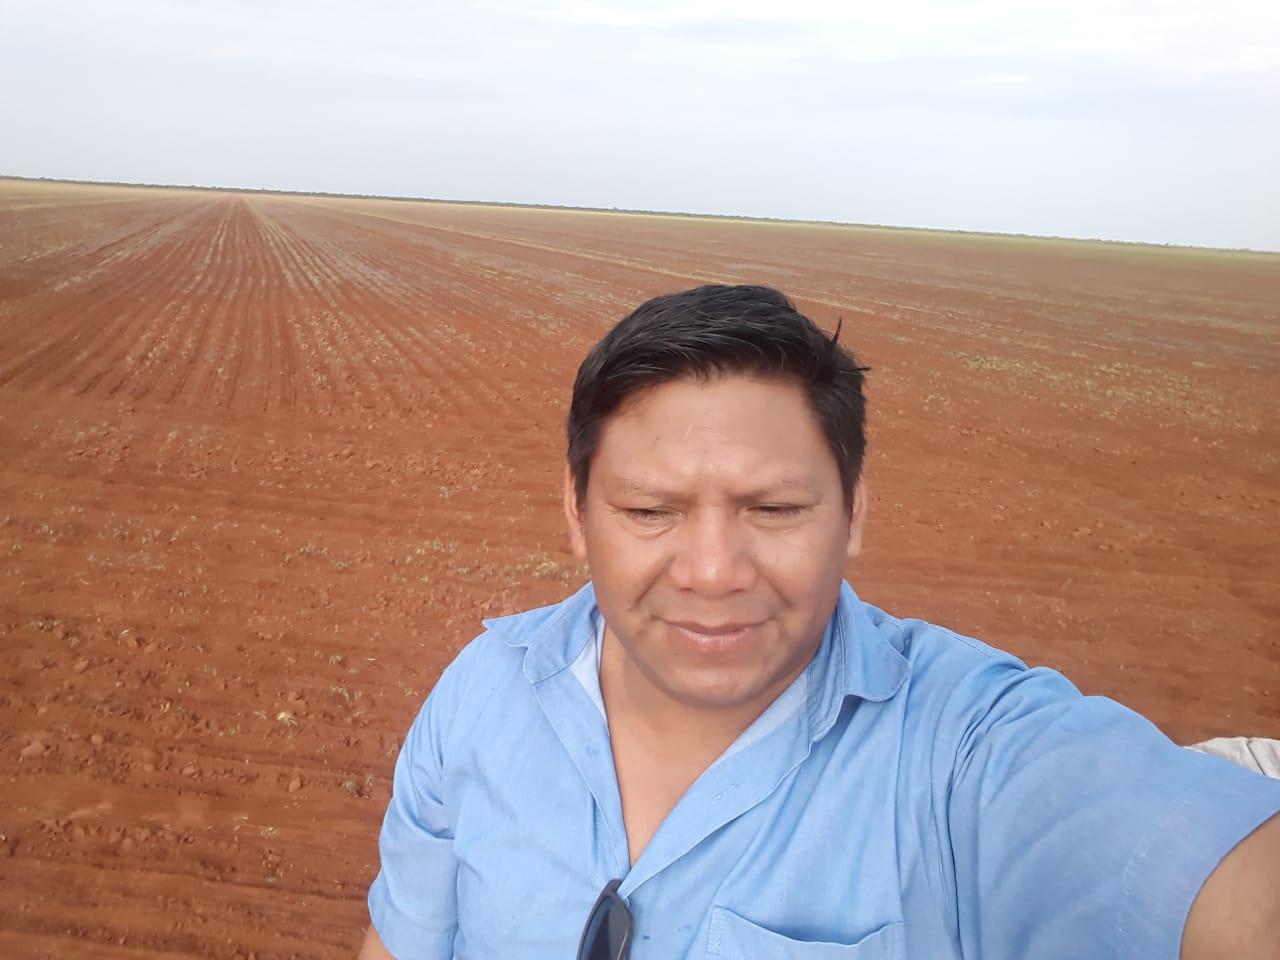 Indios plantam milho em Campo novo do parecis